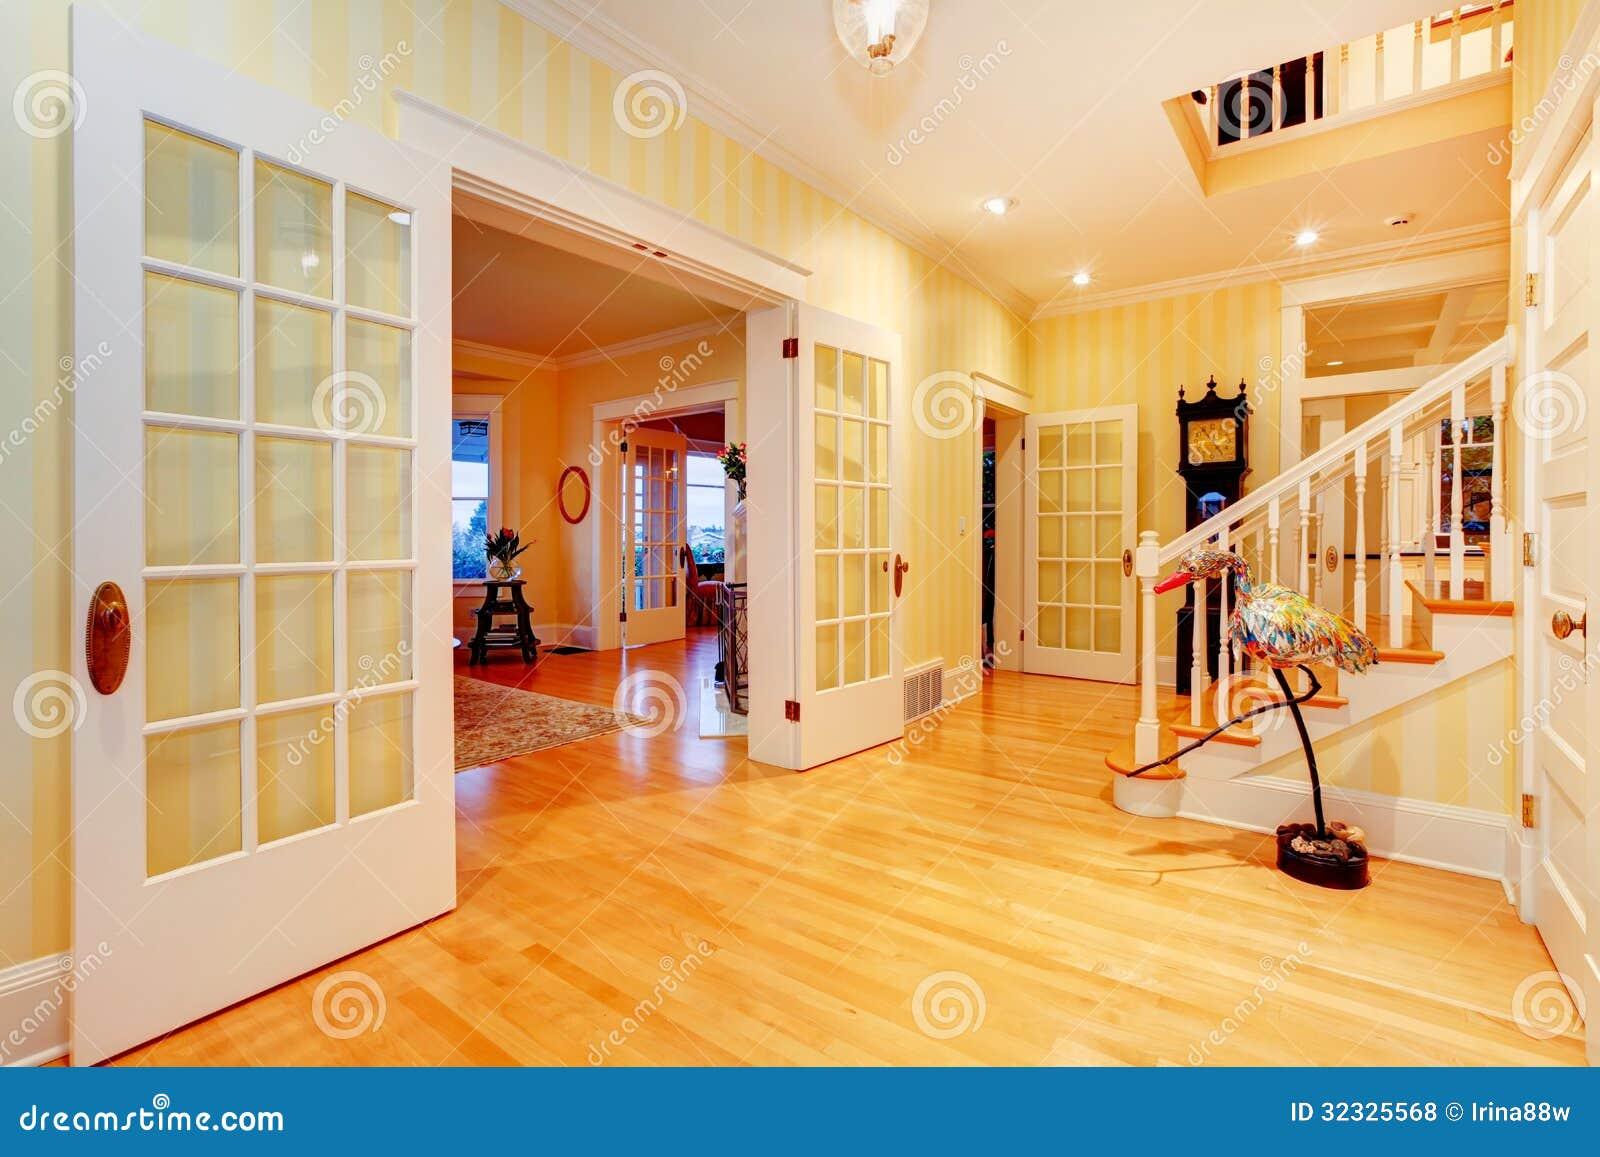 couloir principal la maison de luxe jaune lumineux d 39 or entr e avec l 39 escalier photo stock. Black Bedroom Furniture Sets. Home Design Ideas